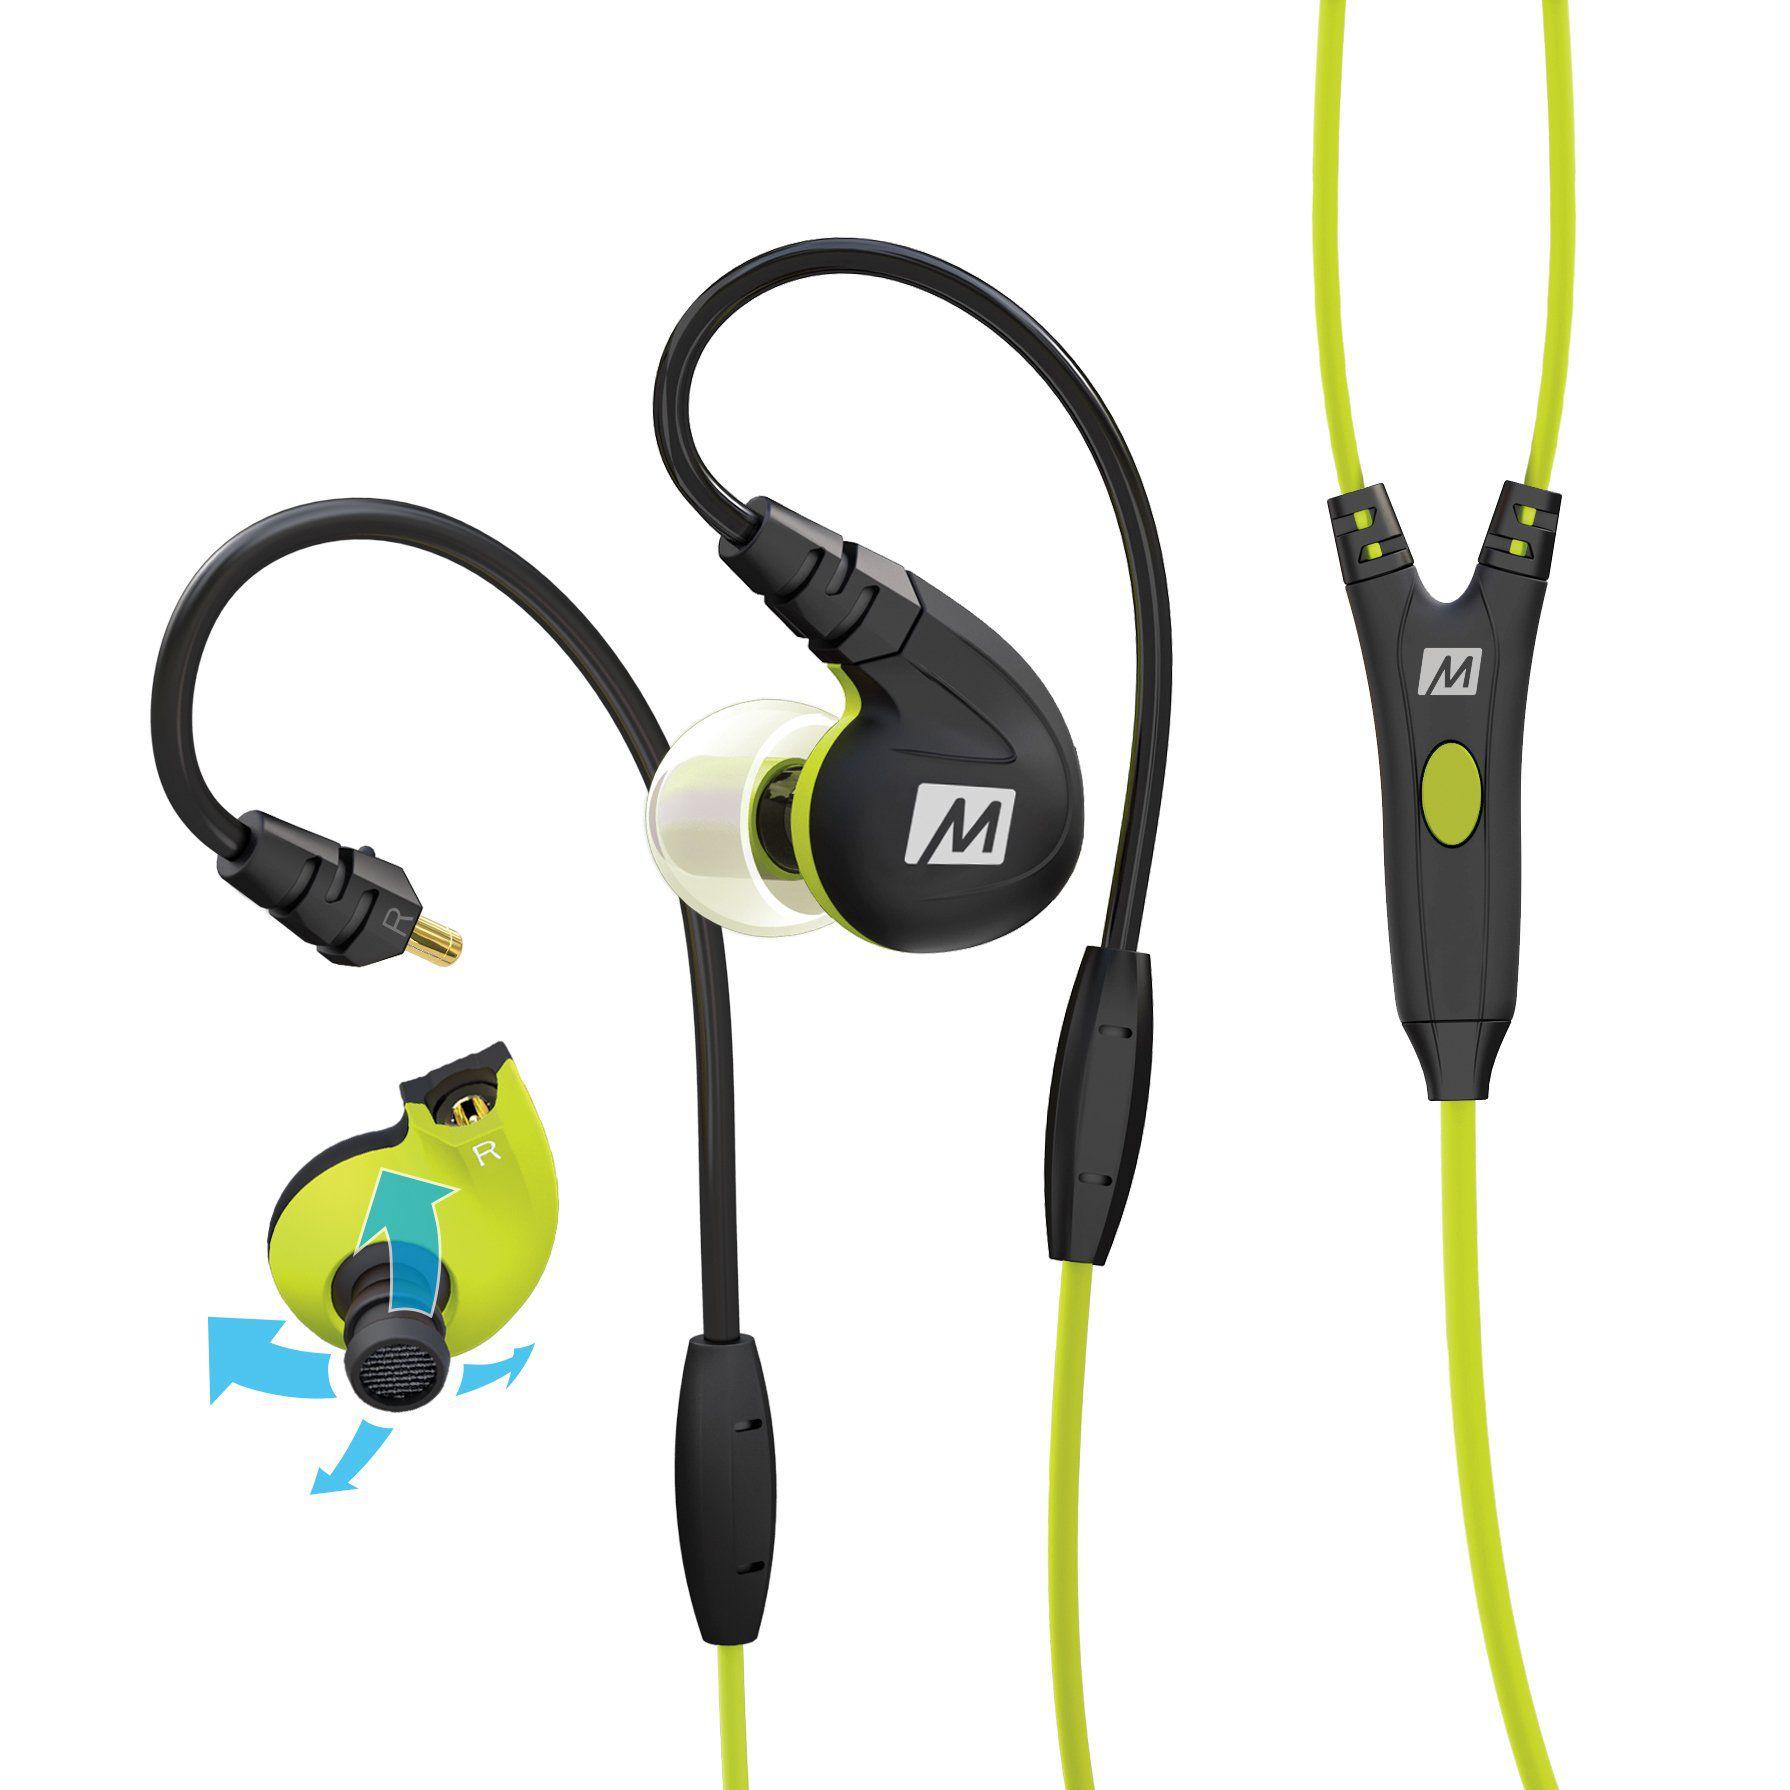 Fone de ouvido Mee Audio M7P Secure-Fit Sport Verde